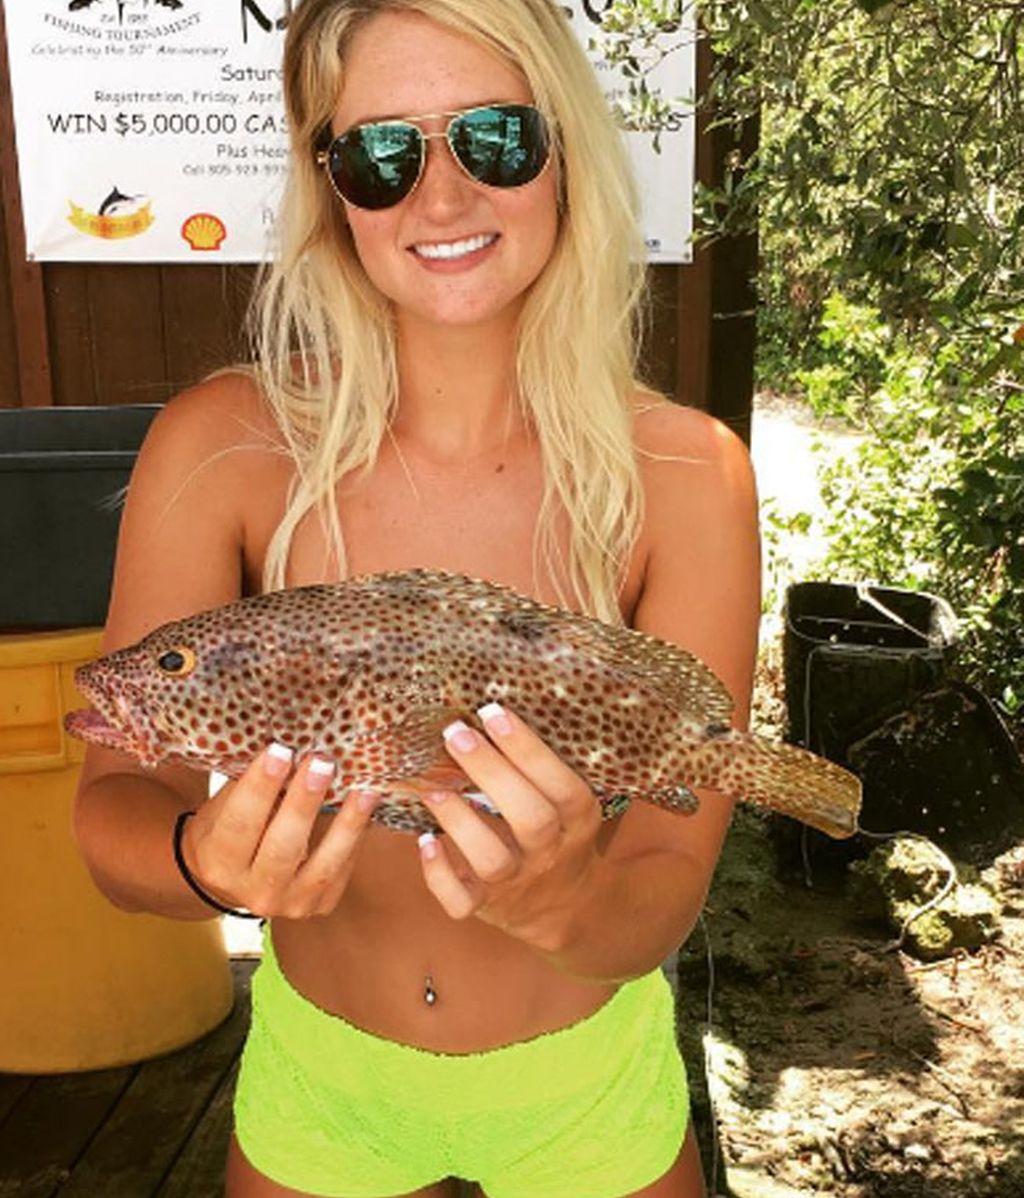 #Fishbra, la moda de utilizar un pez como sujetador